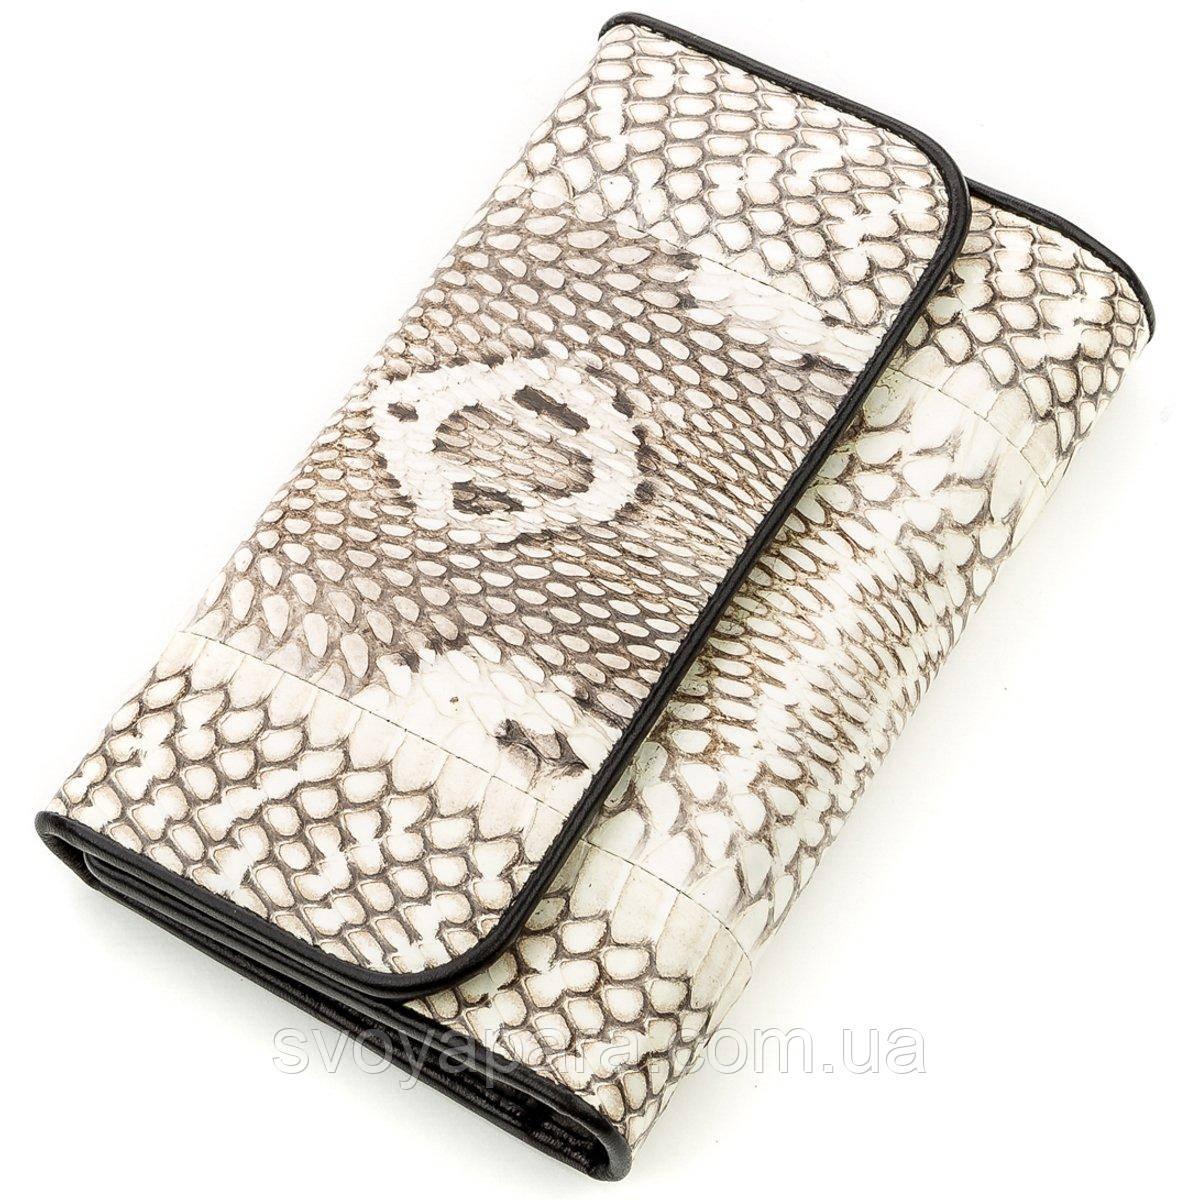 Вертикальний гаманець SNAKE LEATHER 18545 з натуральної шкіри пітона Сірий